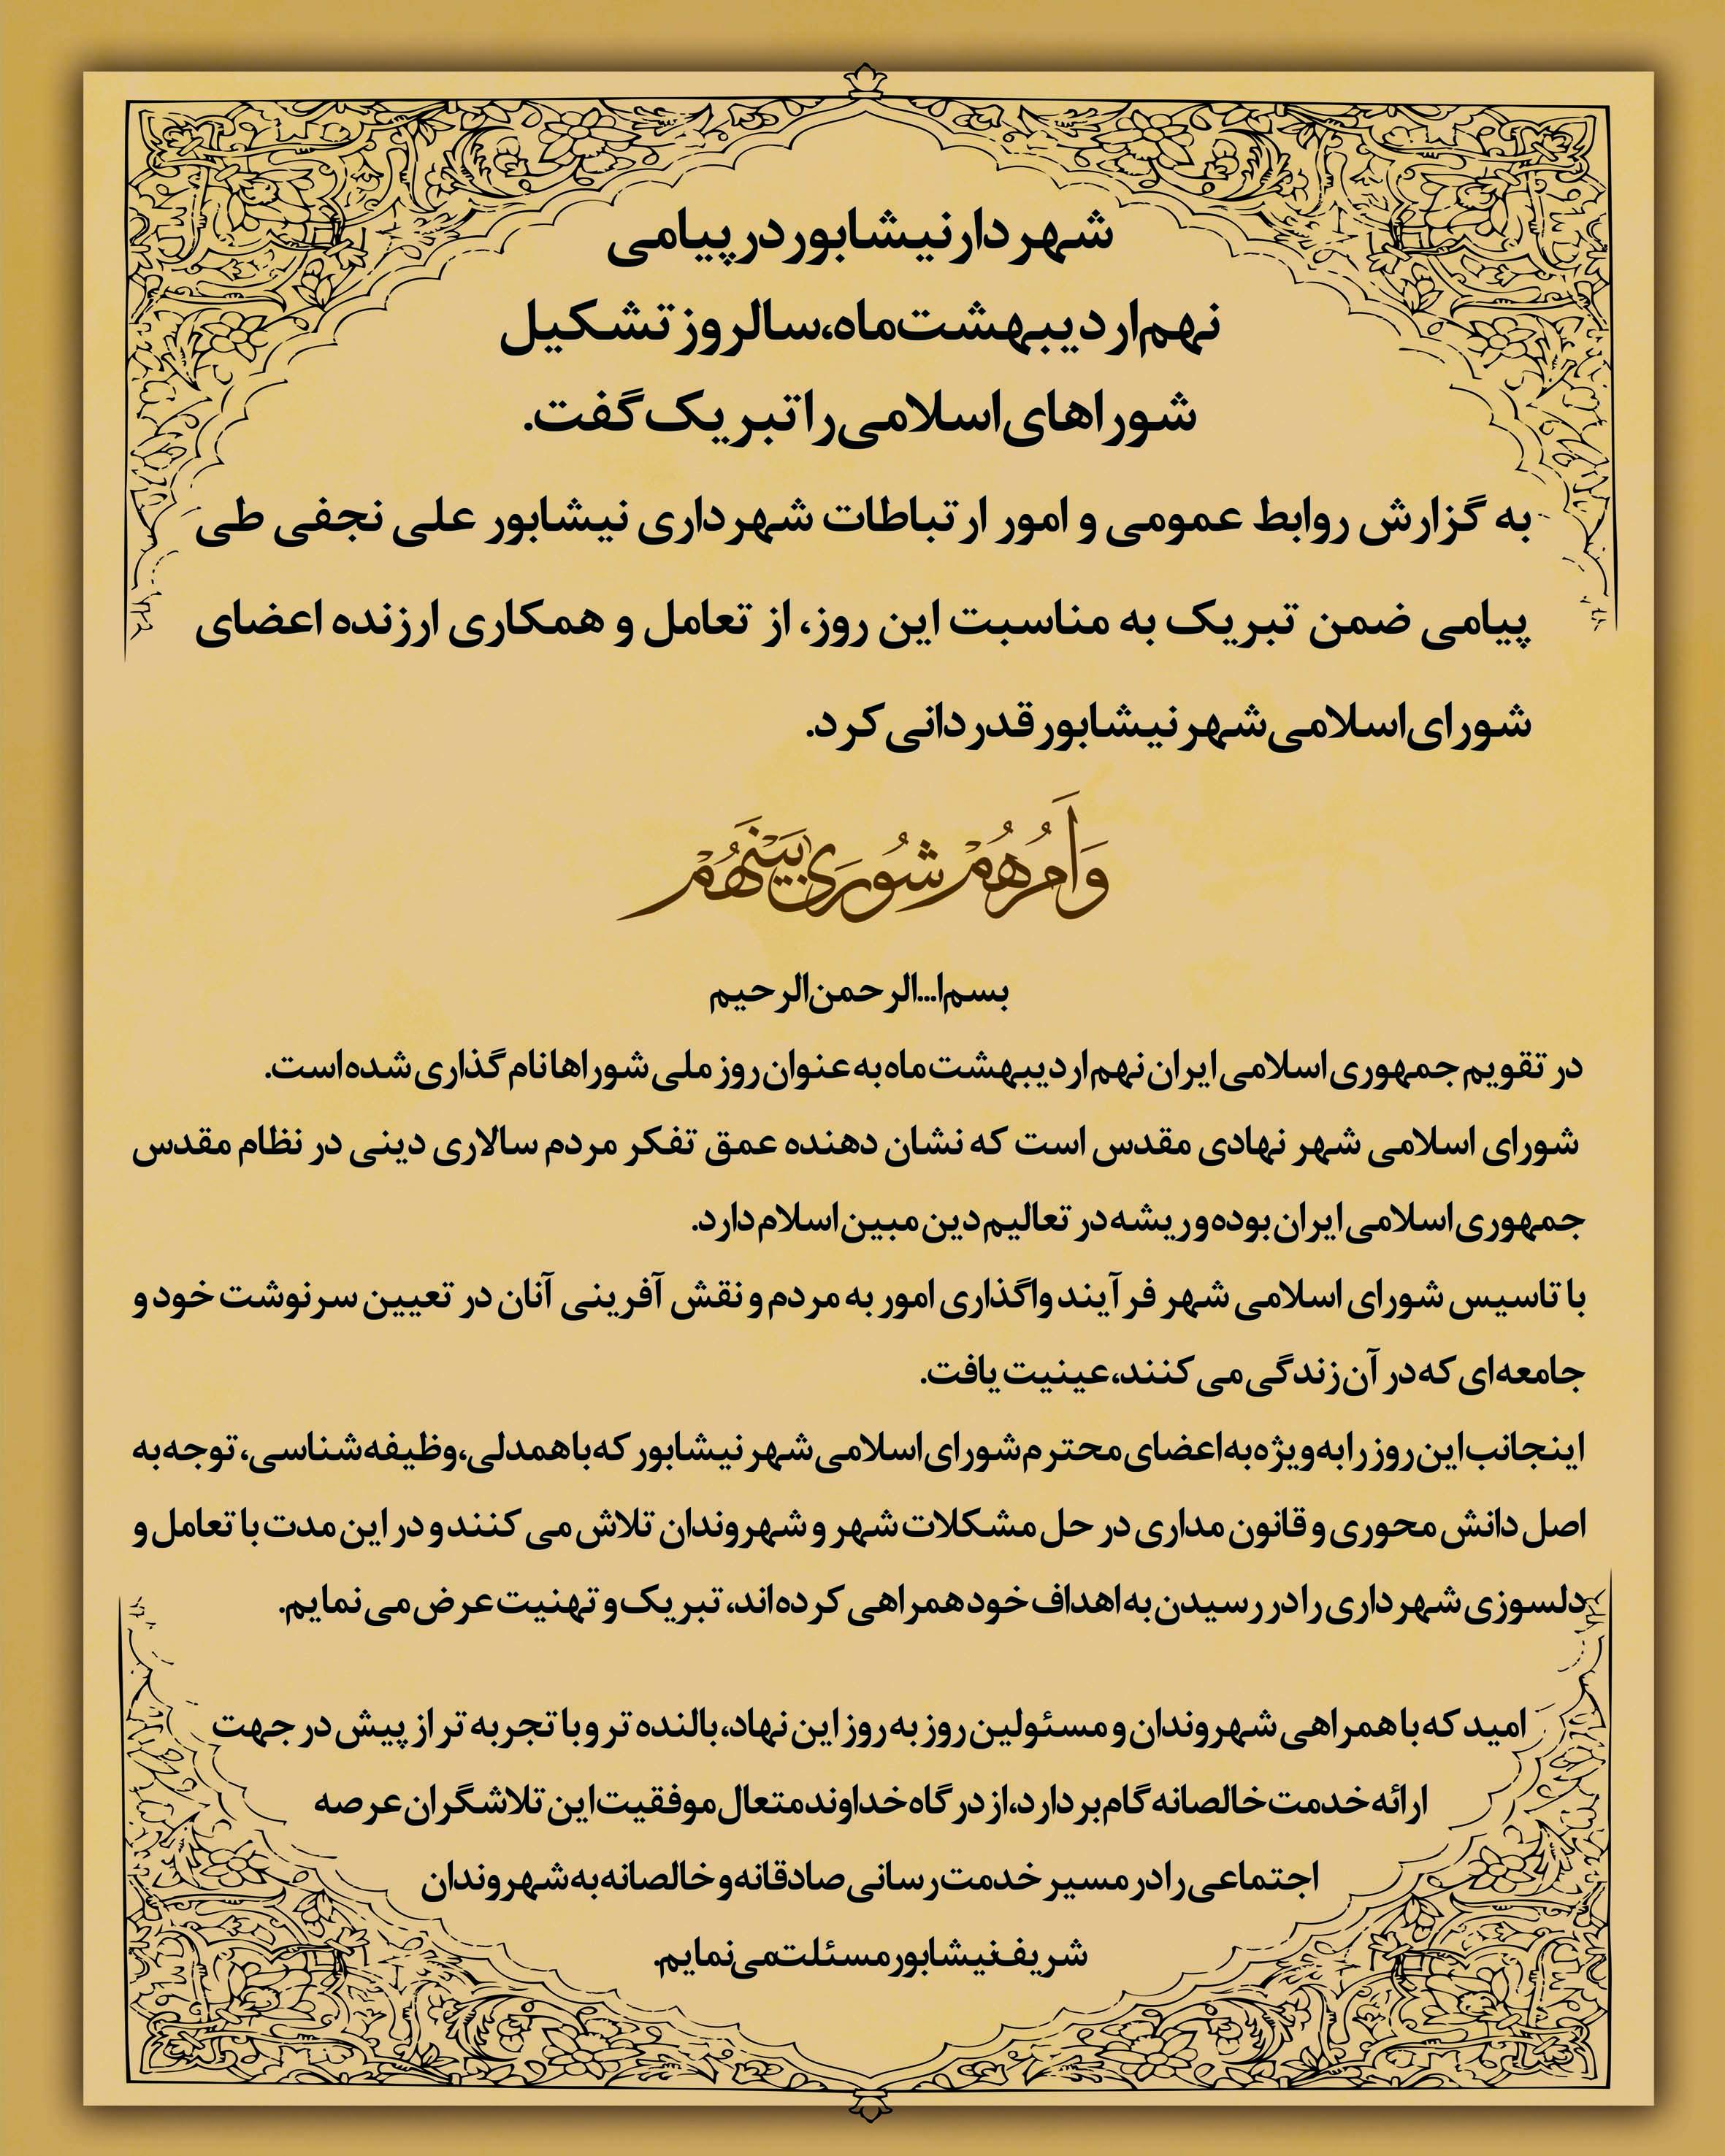 پیام تبریک شهردار نیشابور به مناسبت نهم اردیبهشت، روز ملی شوراها